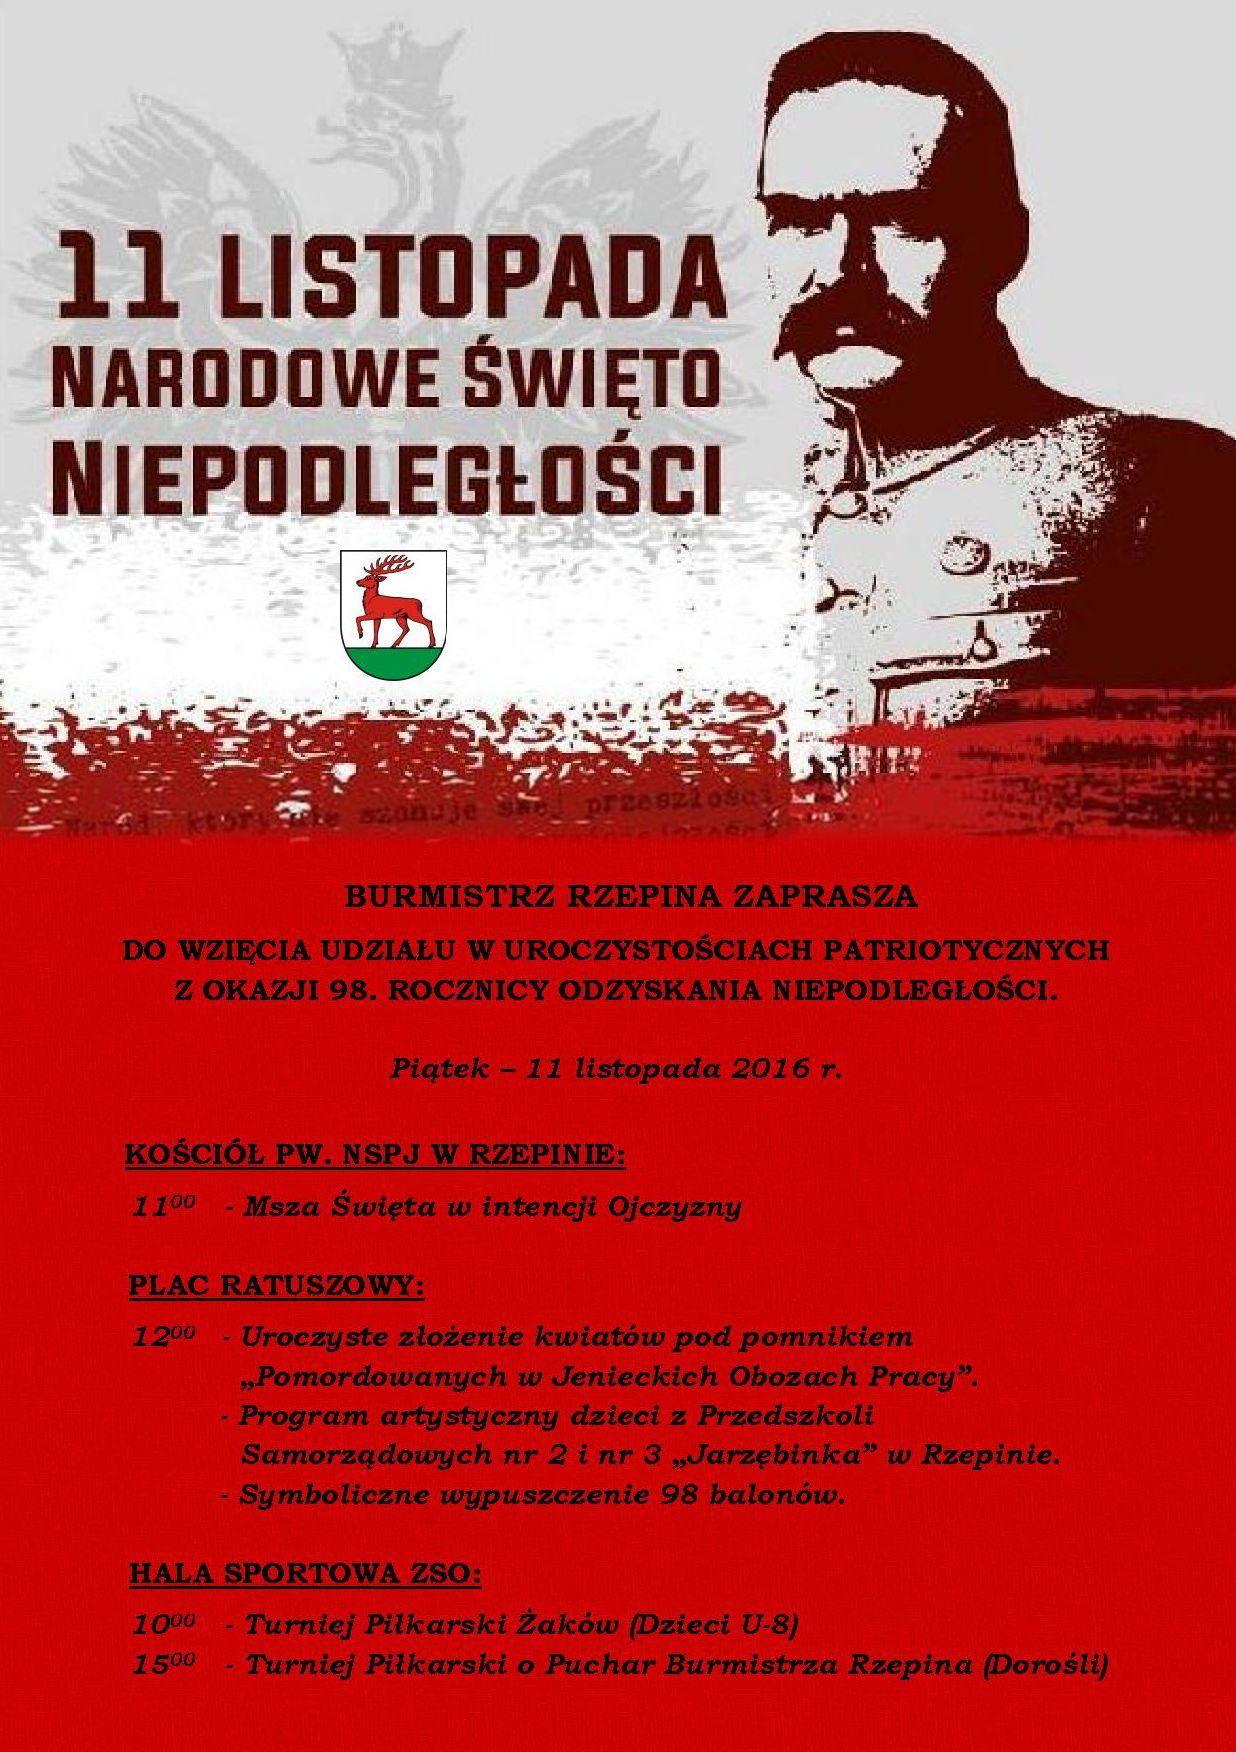 Ilustracja do informacji: Burmistrz Rzepina zaprasza na obchody Narodowego Święta Niepodległości.